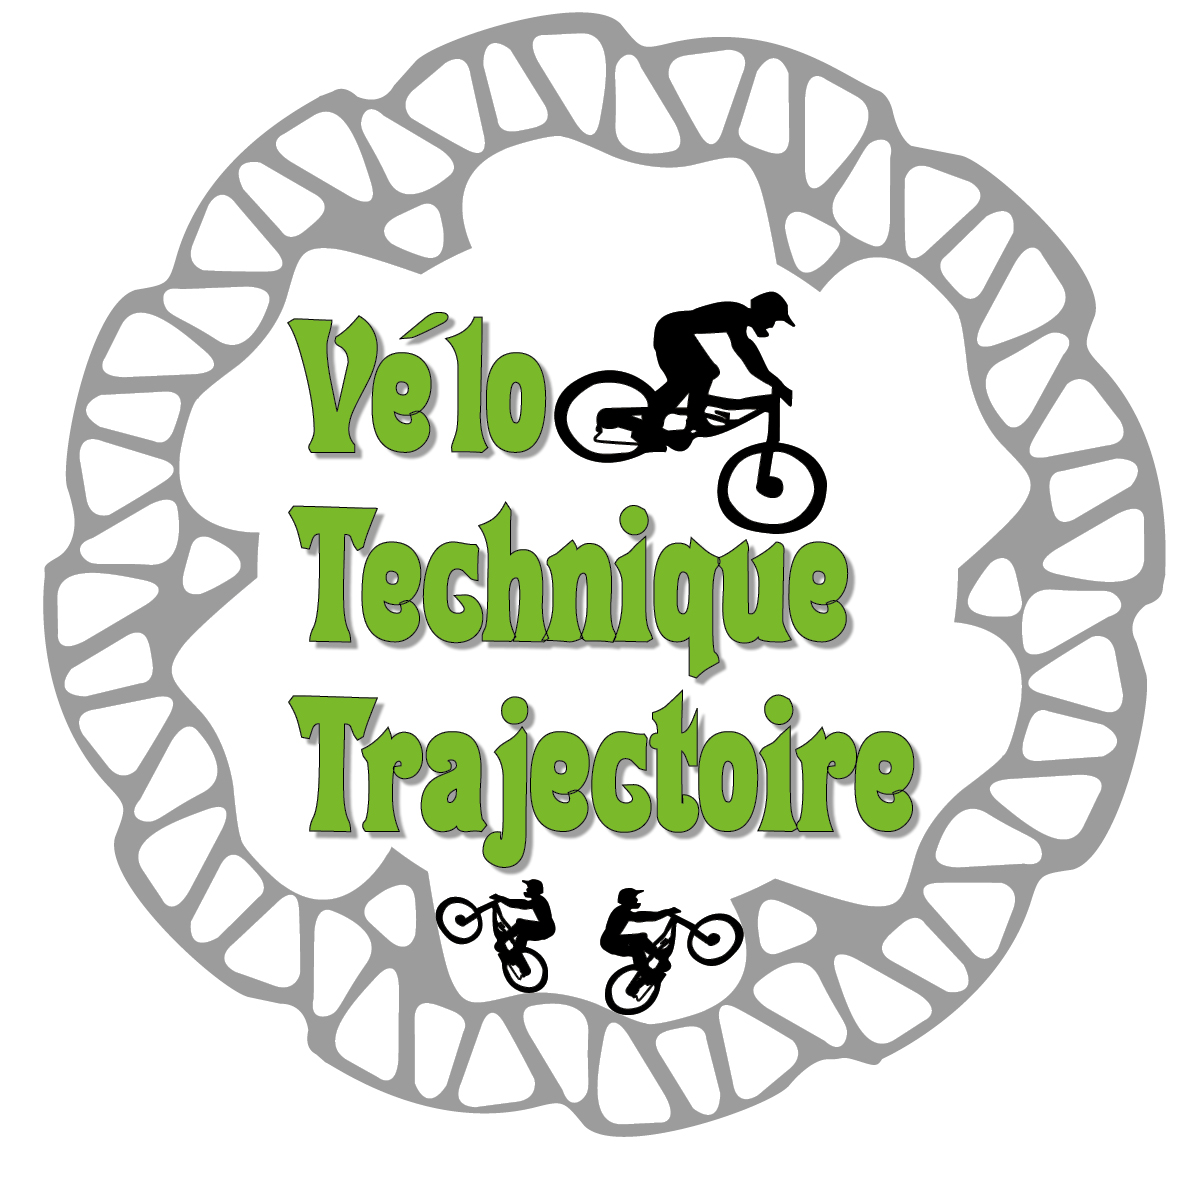 Velo, Technique et Trajectoire